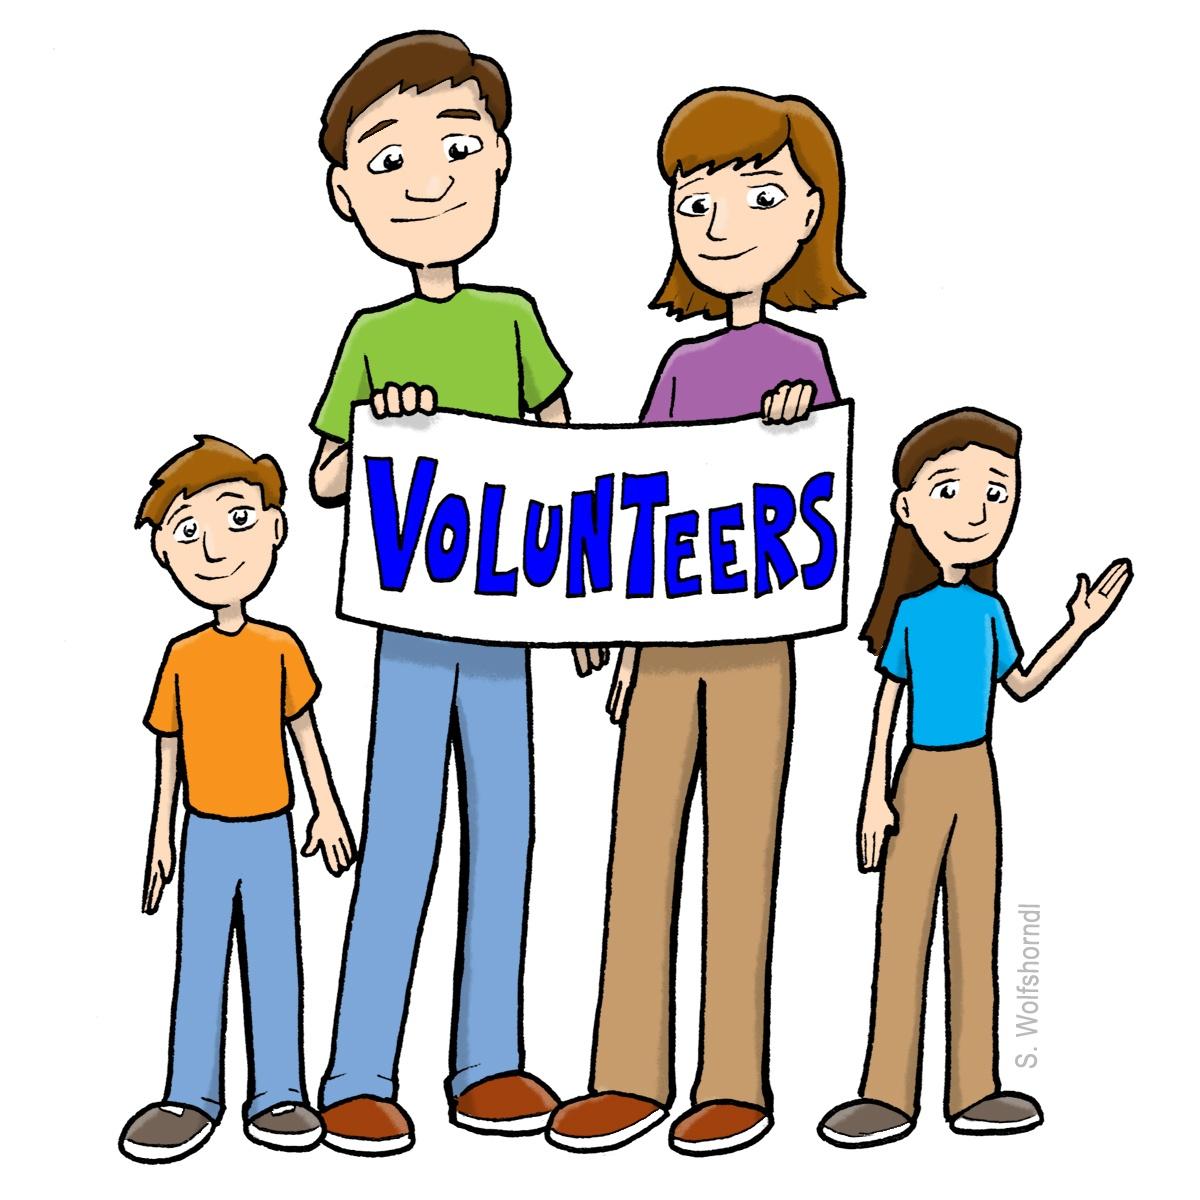 Volunteer images free download. Volunteering clipart ethnicity